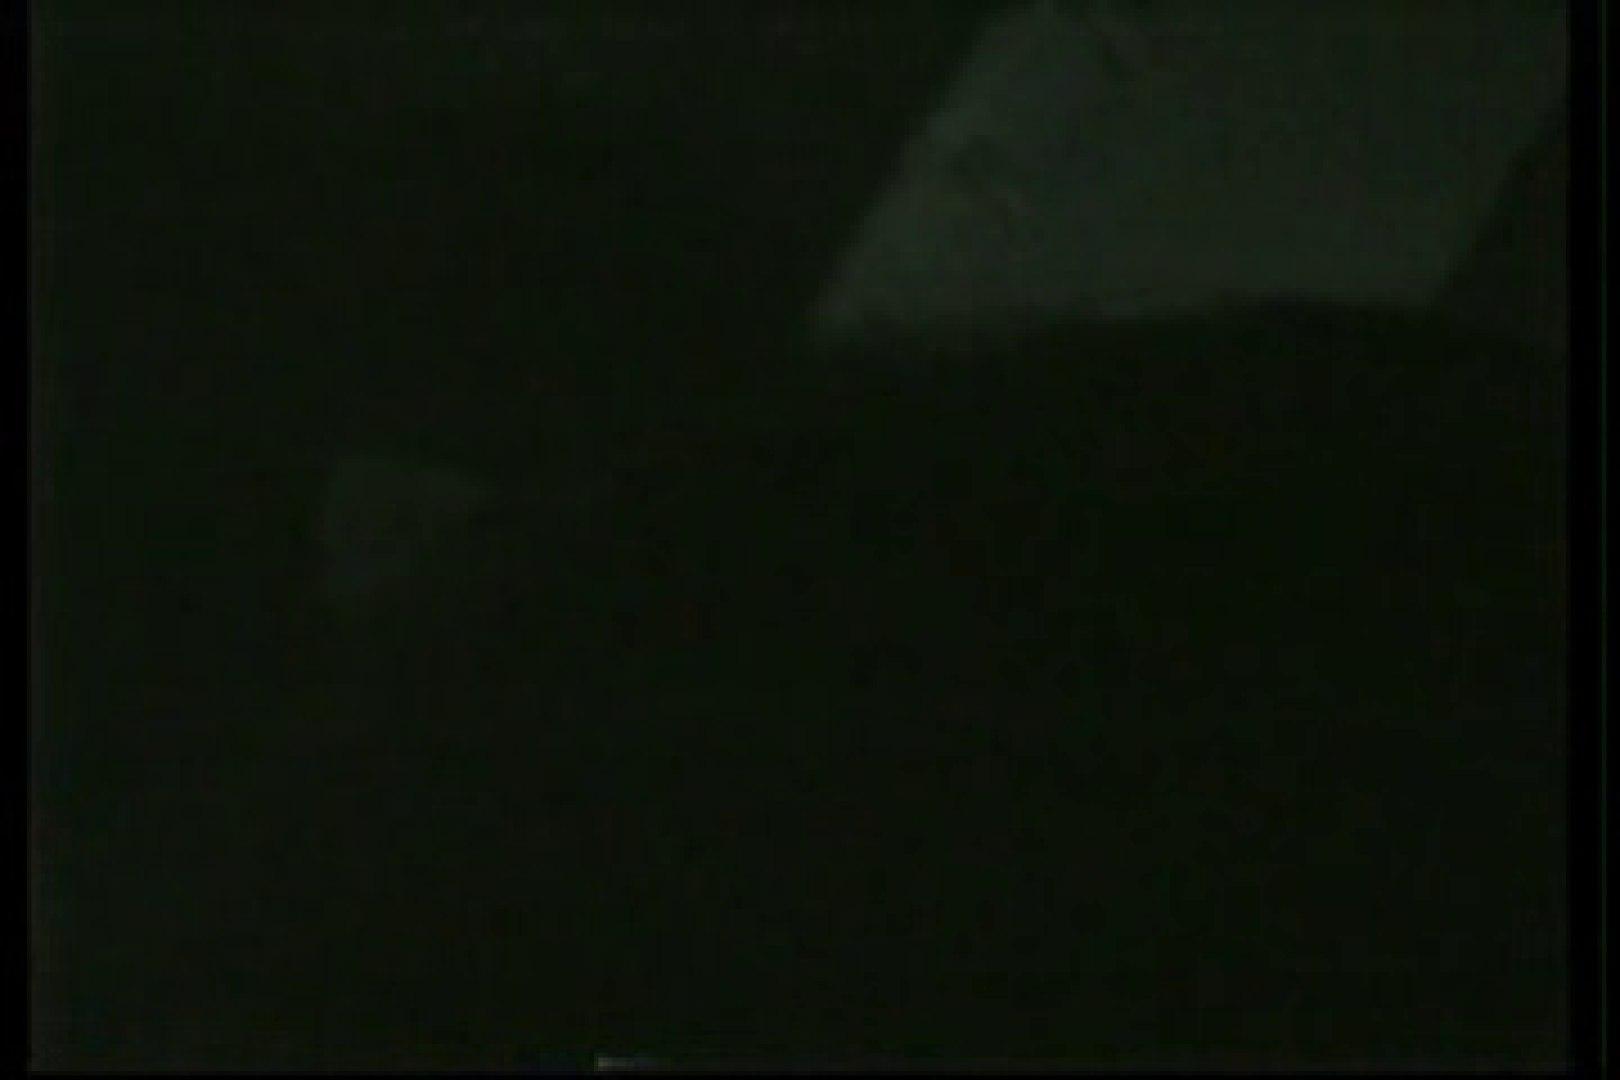 【実録個人撮影】男の子達の禁断の愛欲性活!!vol.02(対女性アナル責め) 縛グッズプレイ ゲイヌード画像 59pic 20